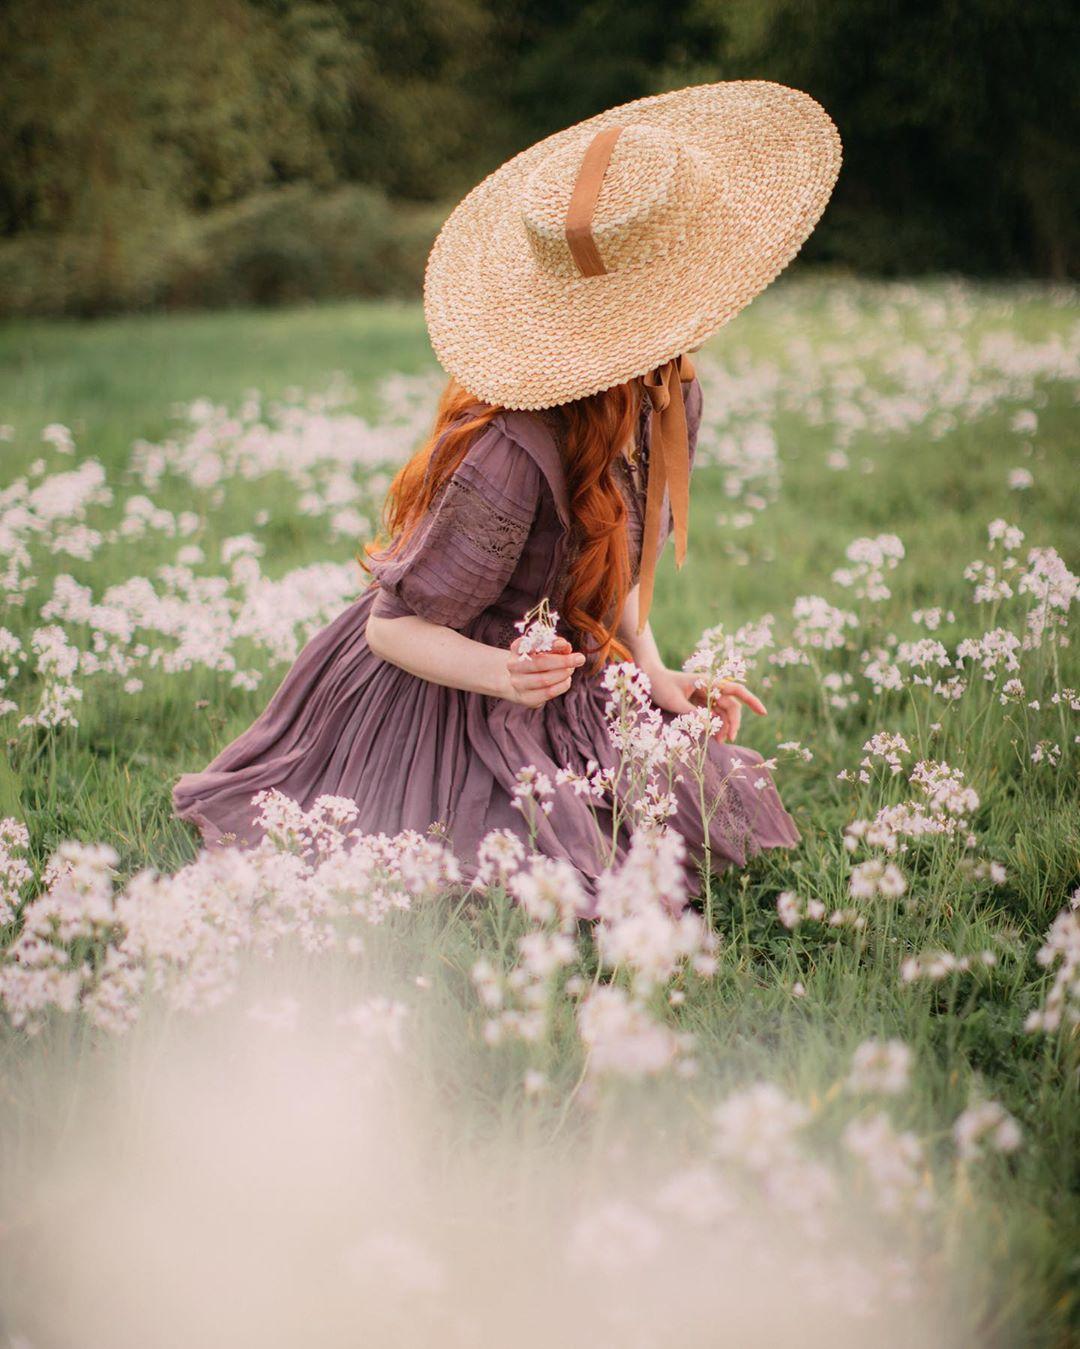 Cô gái mặc váy tím, đội mũ cói rộng vành phong cách thời trang Cottagecore